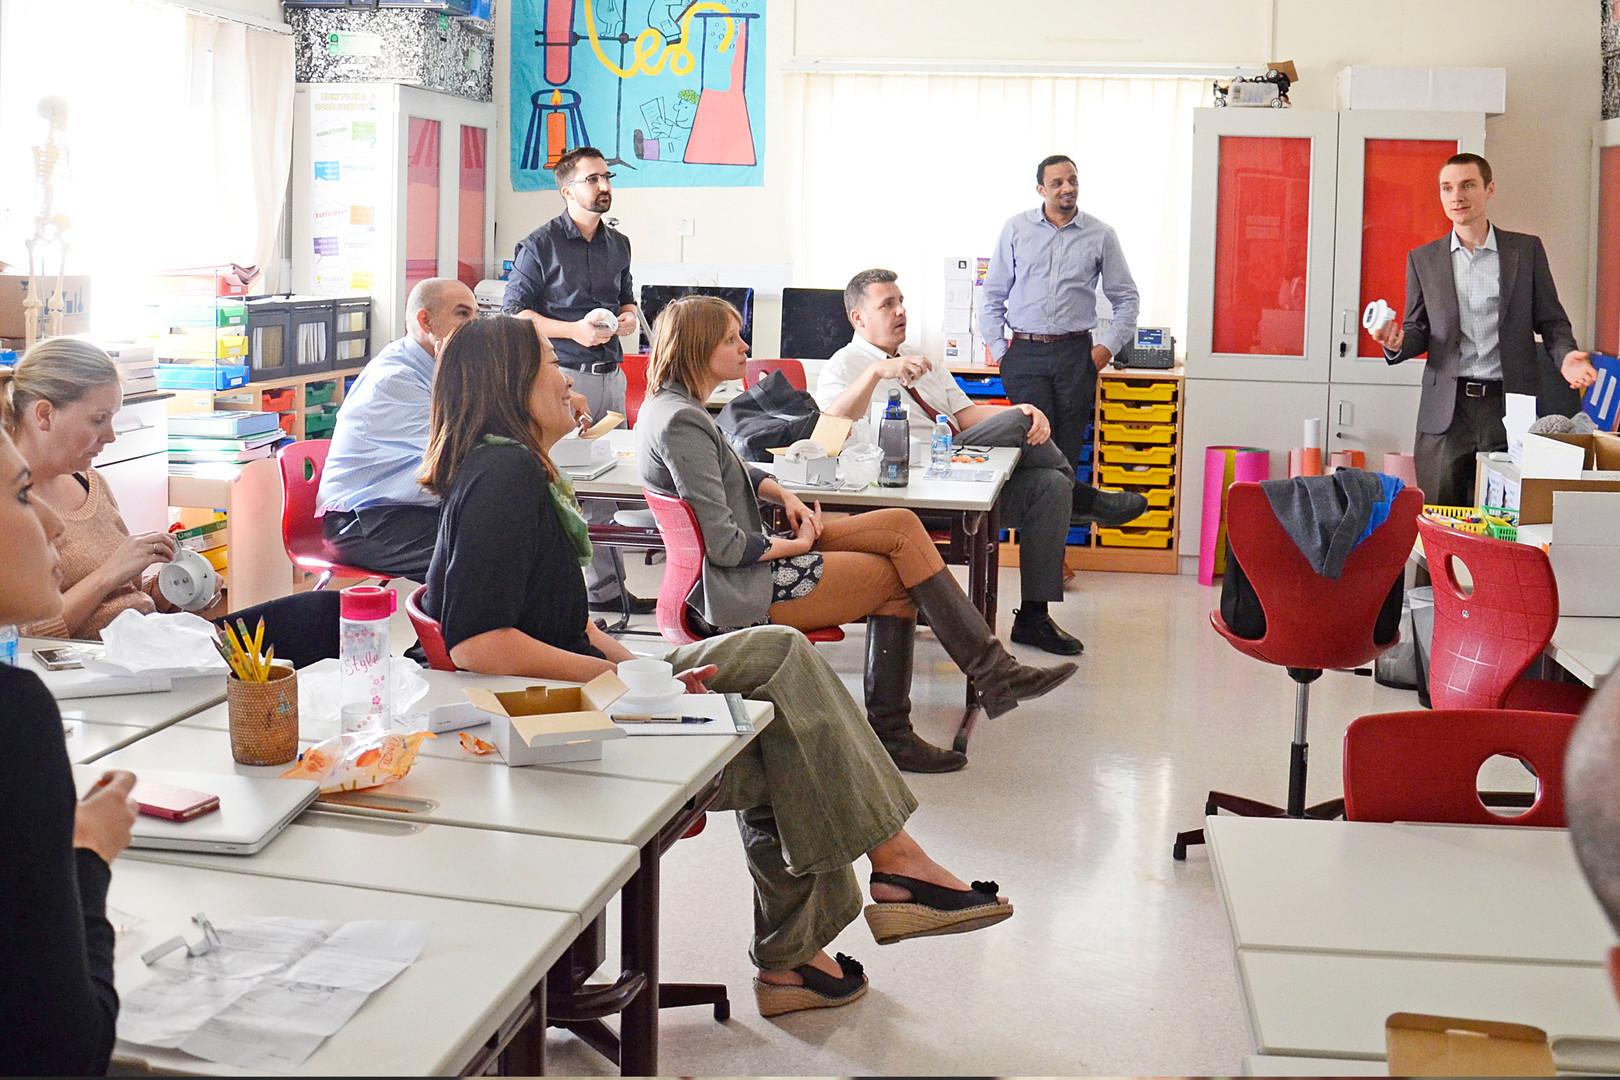 Workshops at Schools